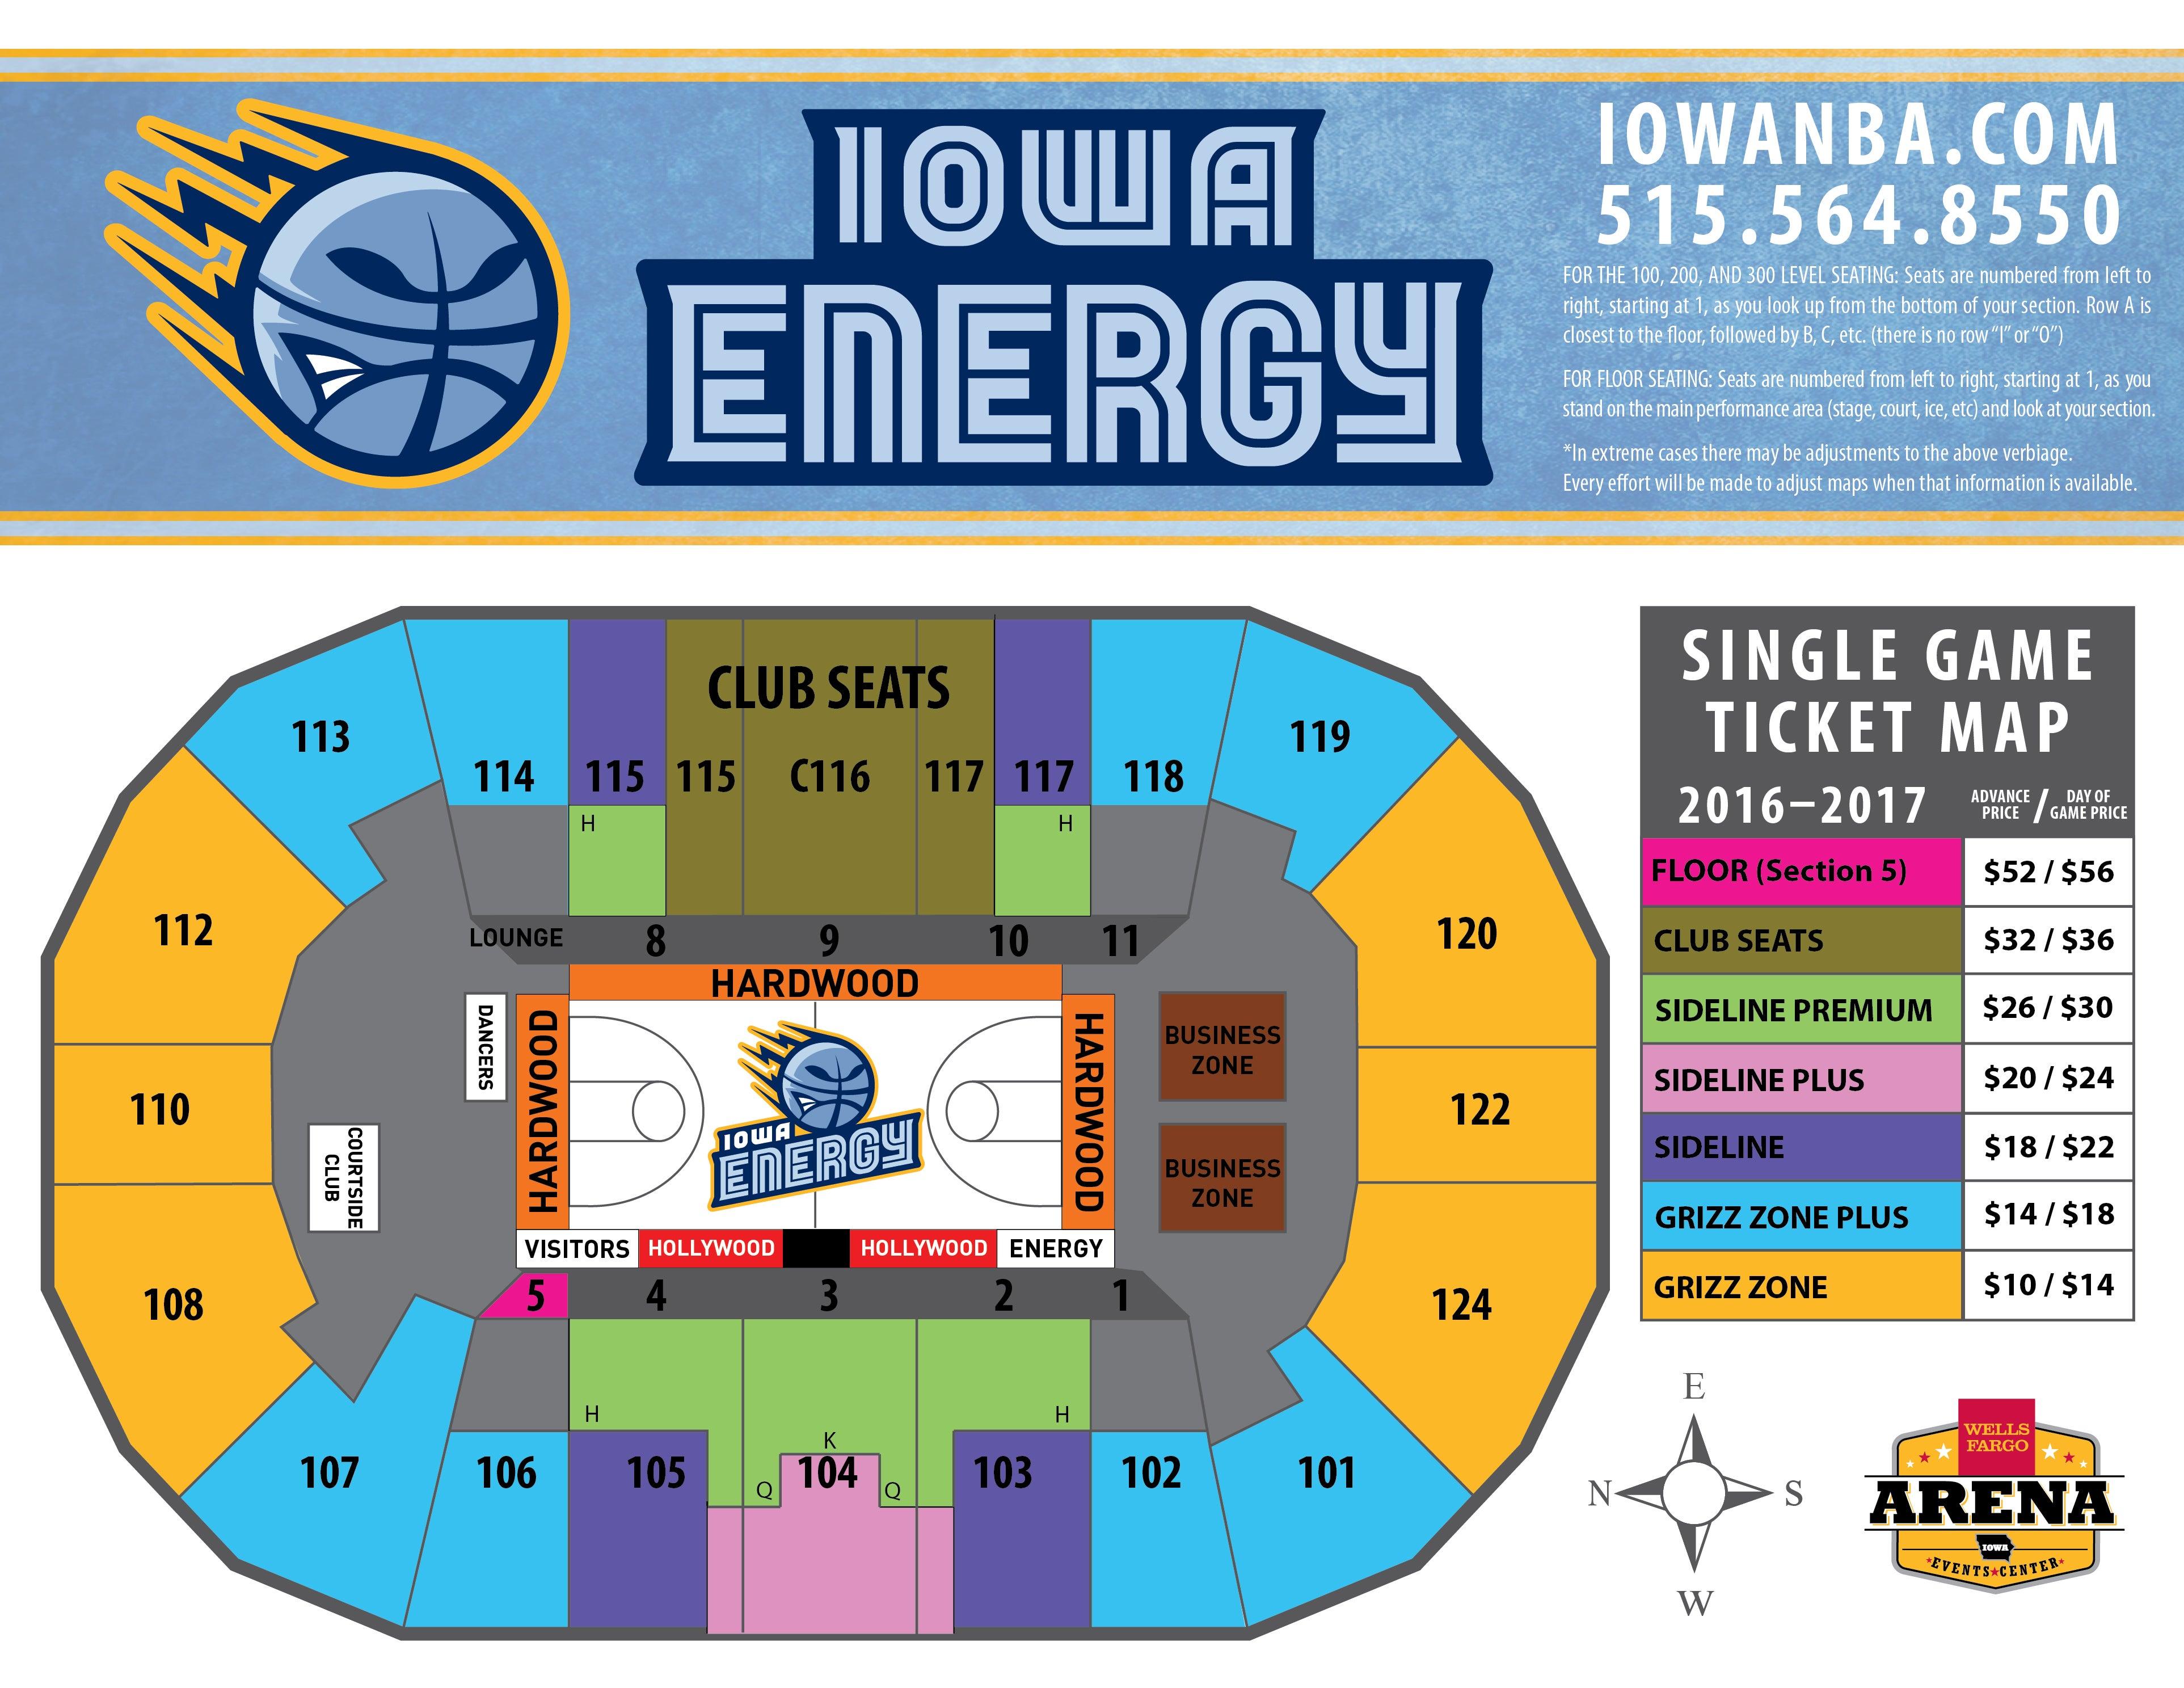 Iowa Energy 2016-2017